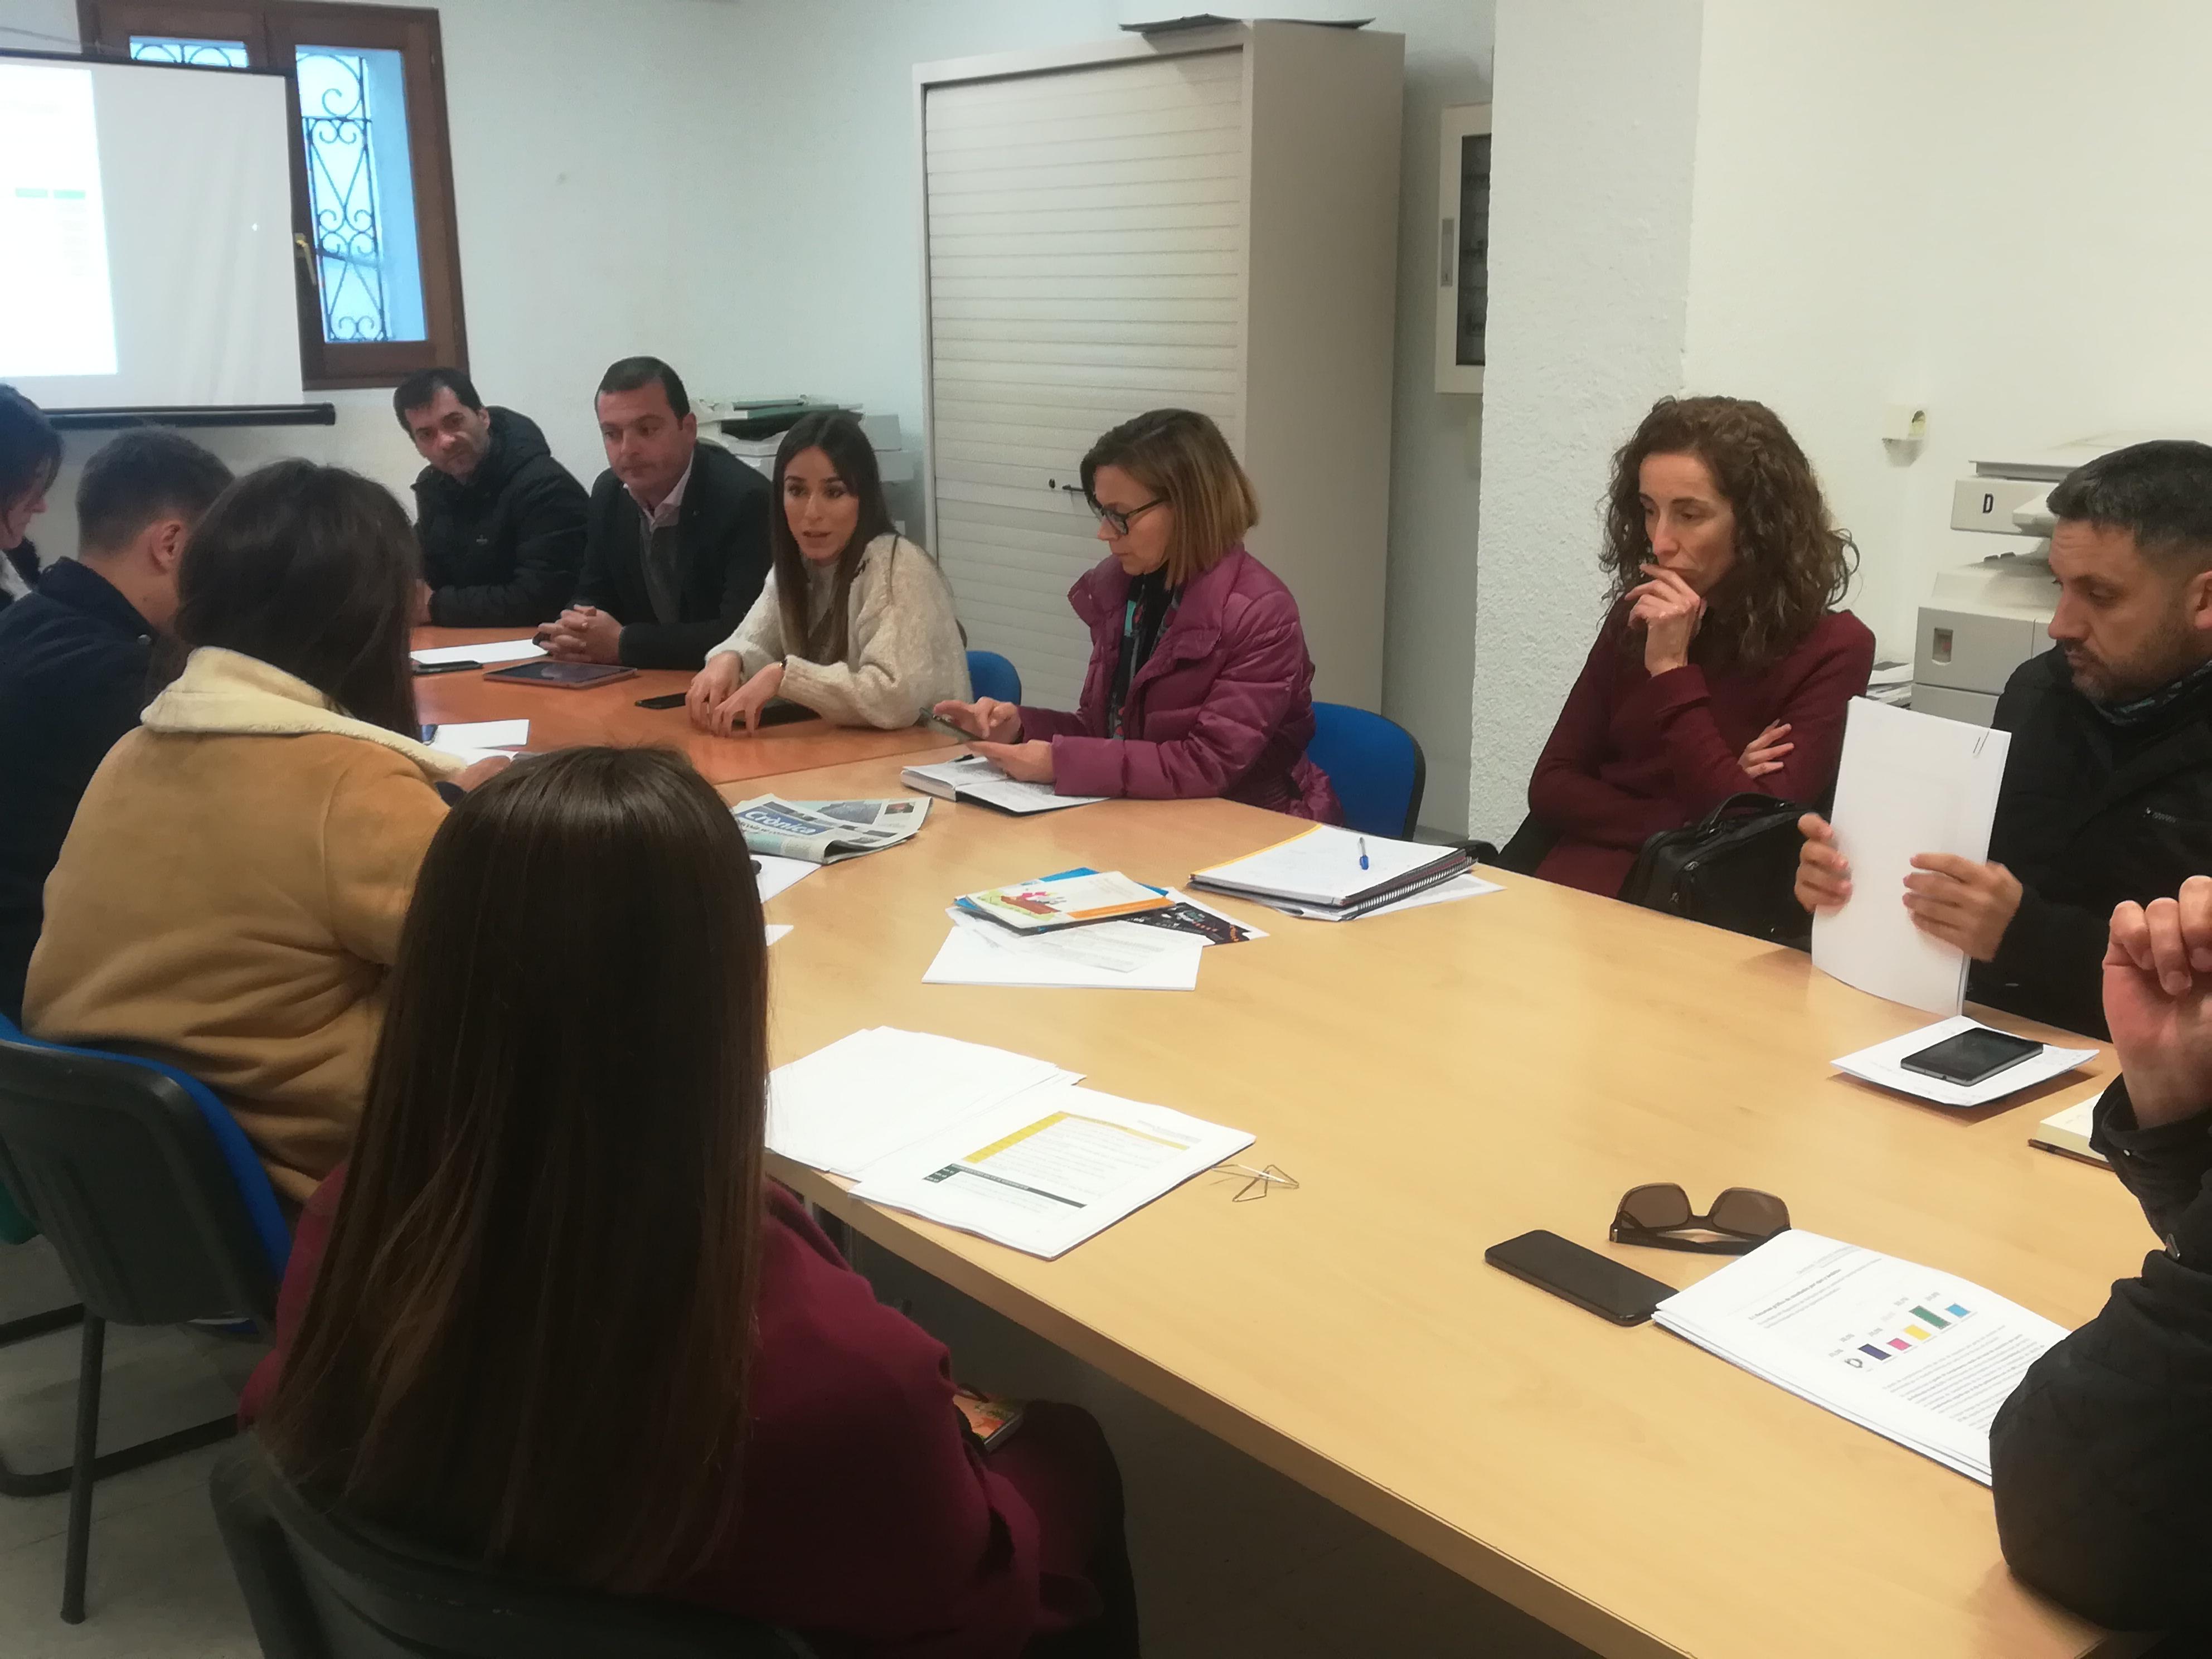 L'Ajuntament de Peníscola convoca la Comissió de Destinació Turística Intel·ligent